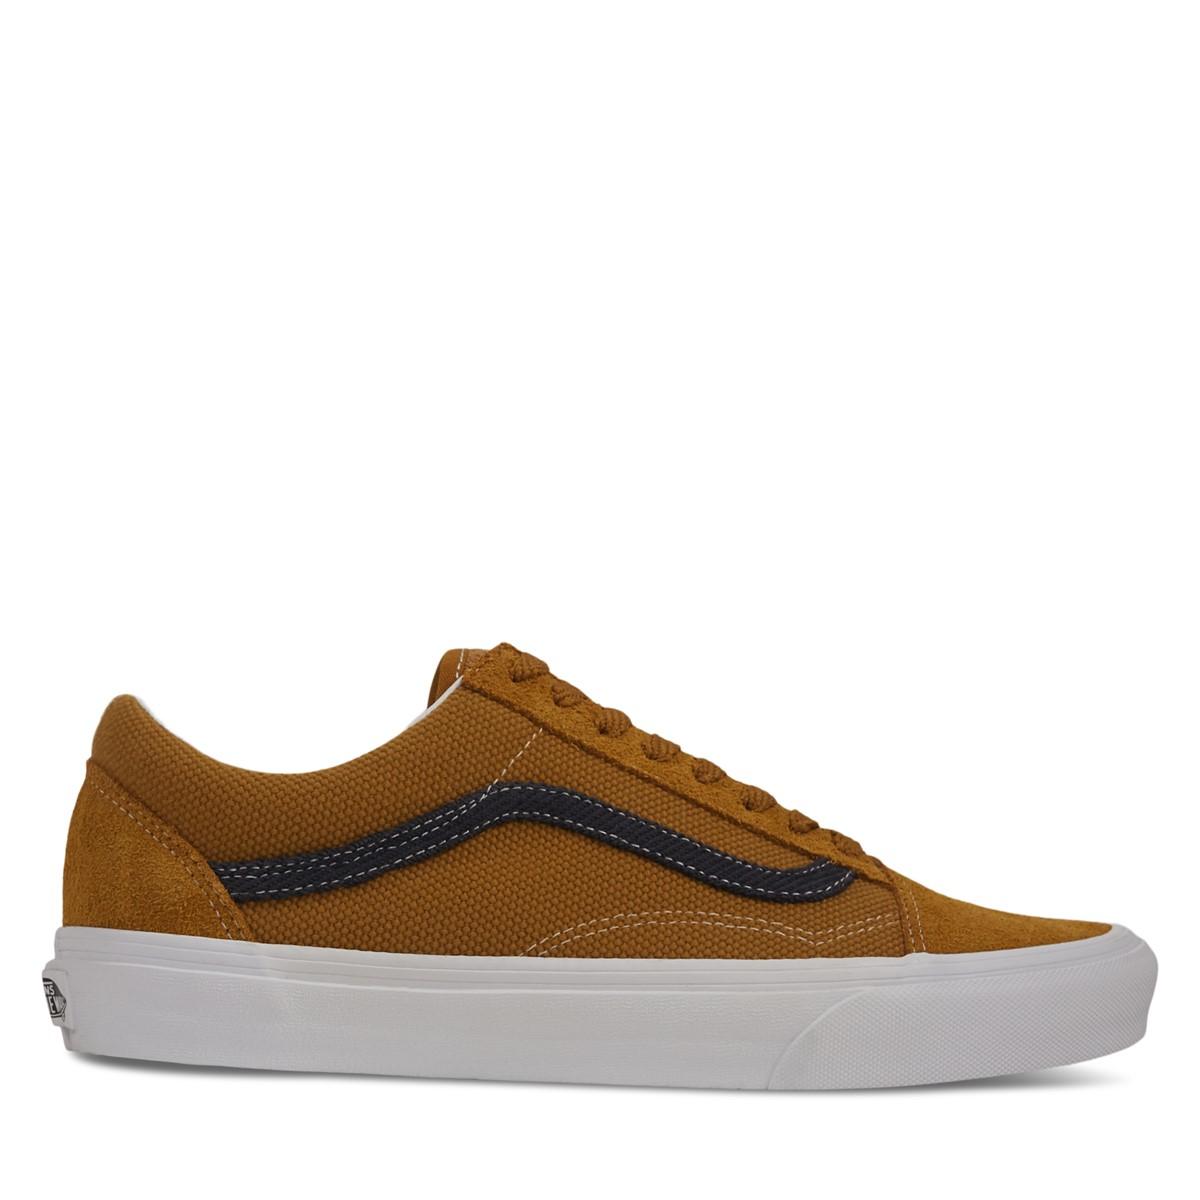 Men's Heavy Textures Old Skool Sneakers in Golden Brown/Black